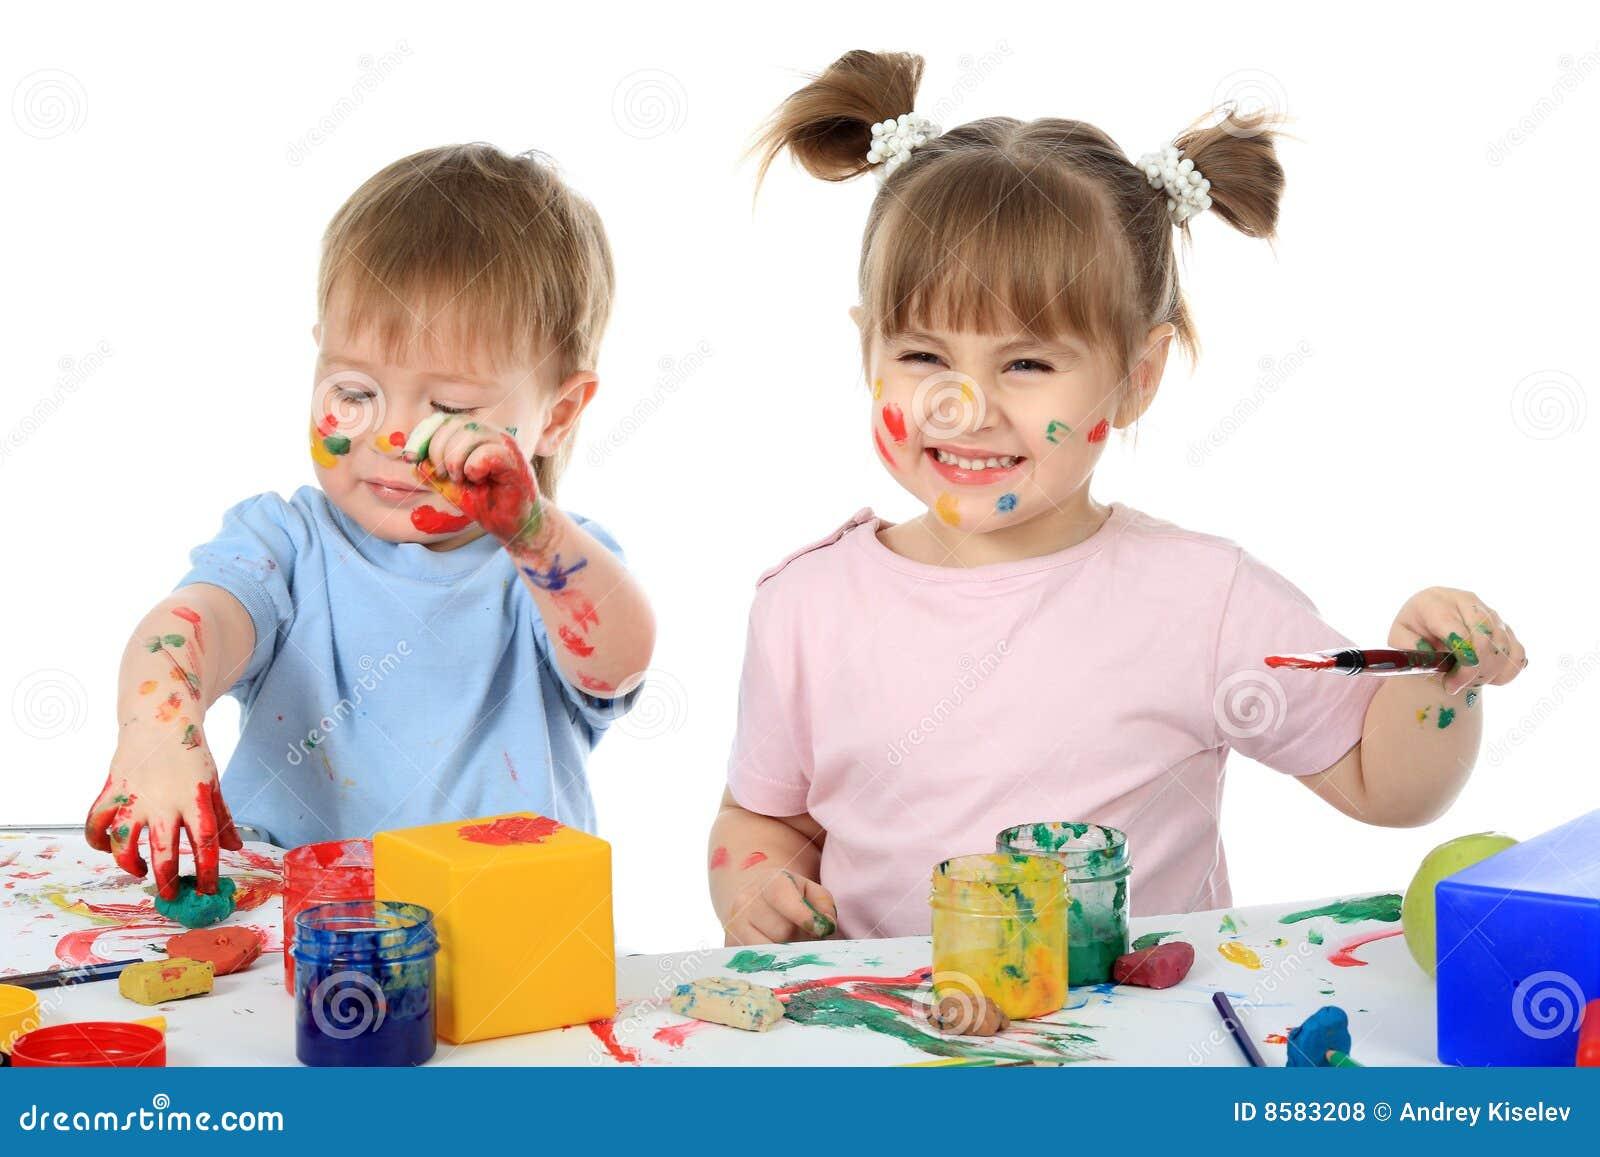 Рисунки для детей 3-4 года фото